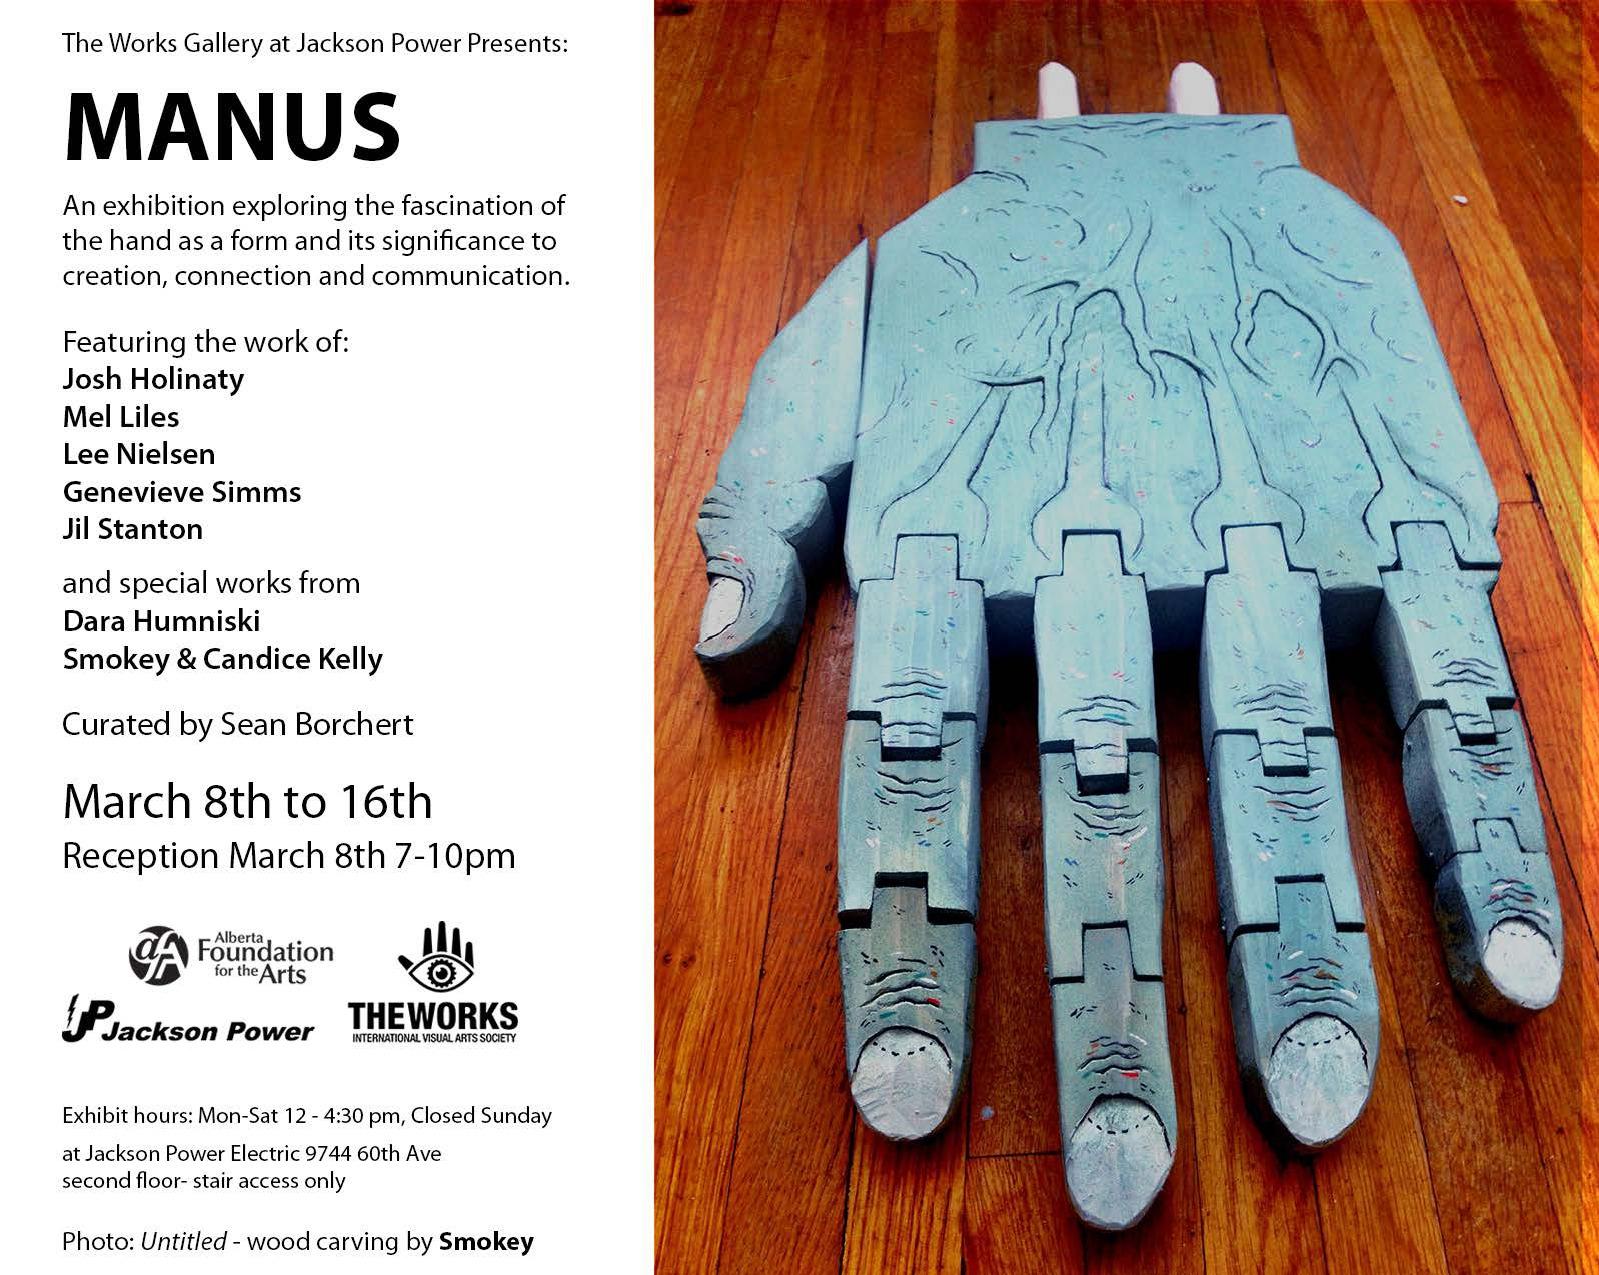 Manus, Curated by Sean Borchert (2013)